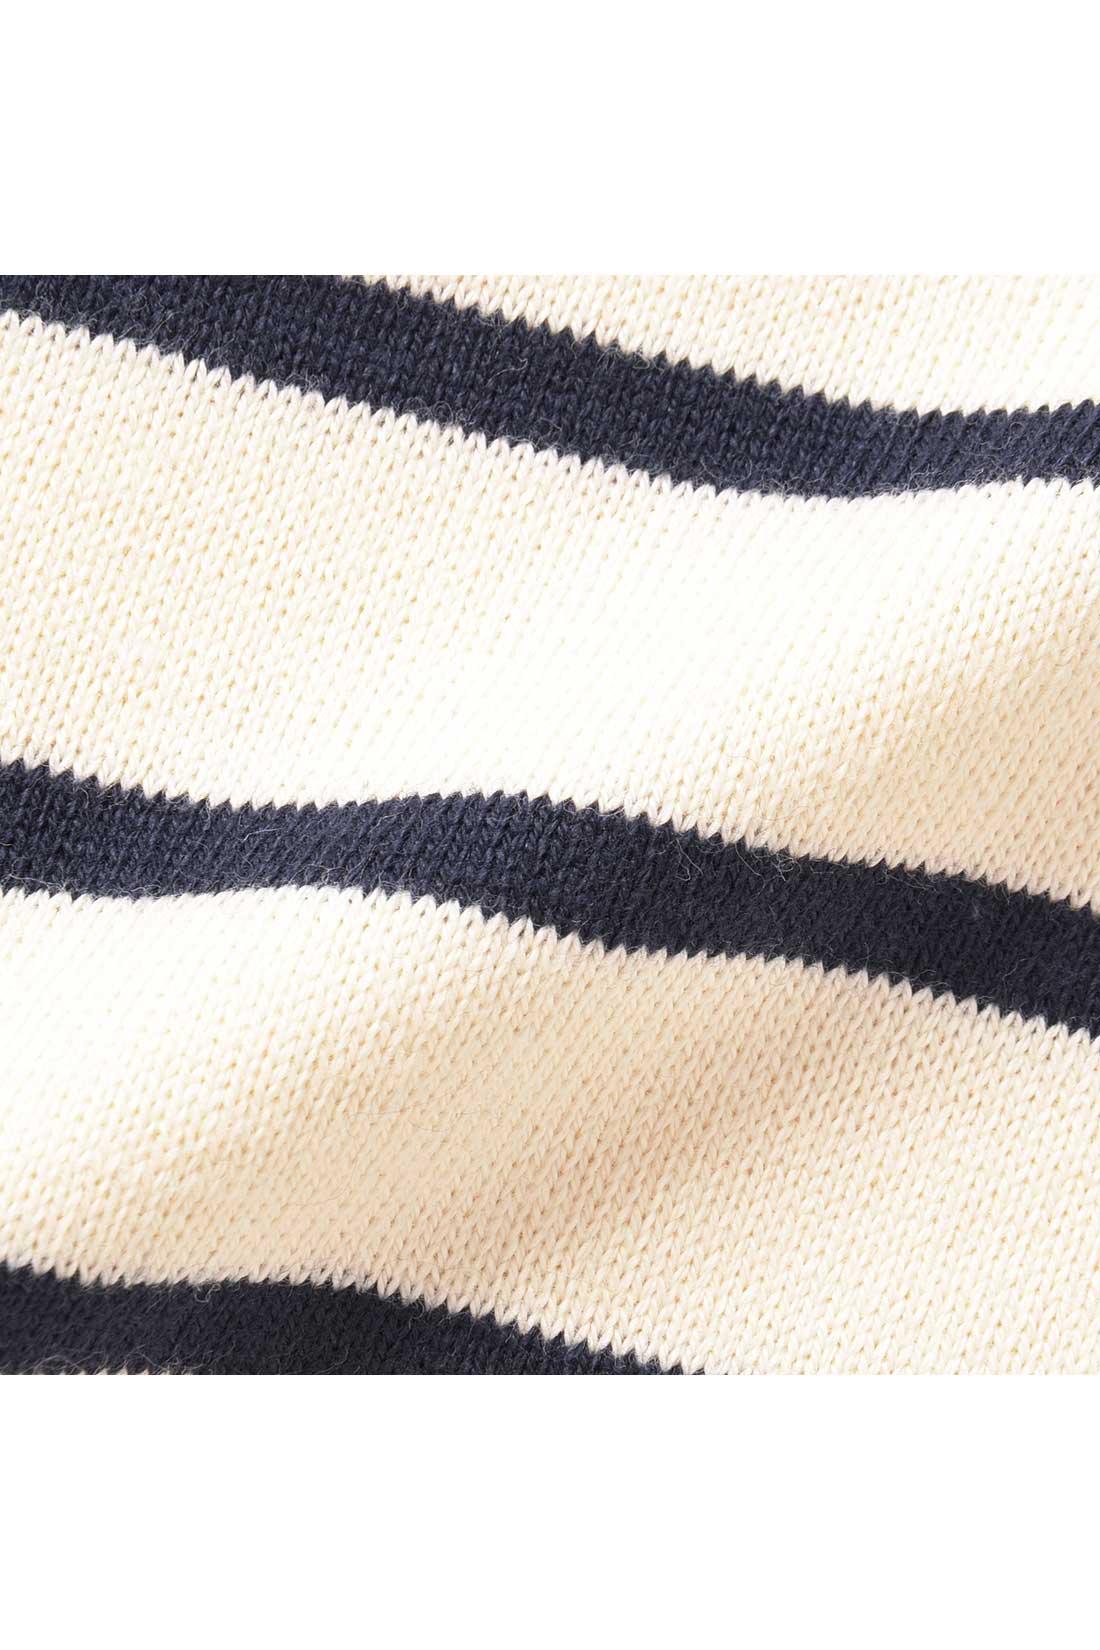 オーガニックコットン100%のカットソーは一枚で着映えする、ほどよい厚み。